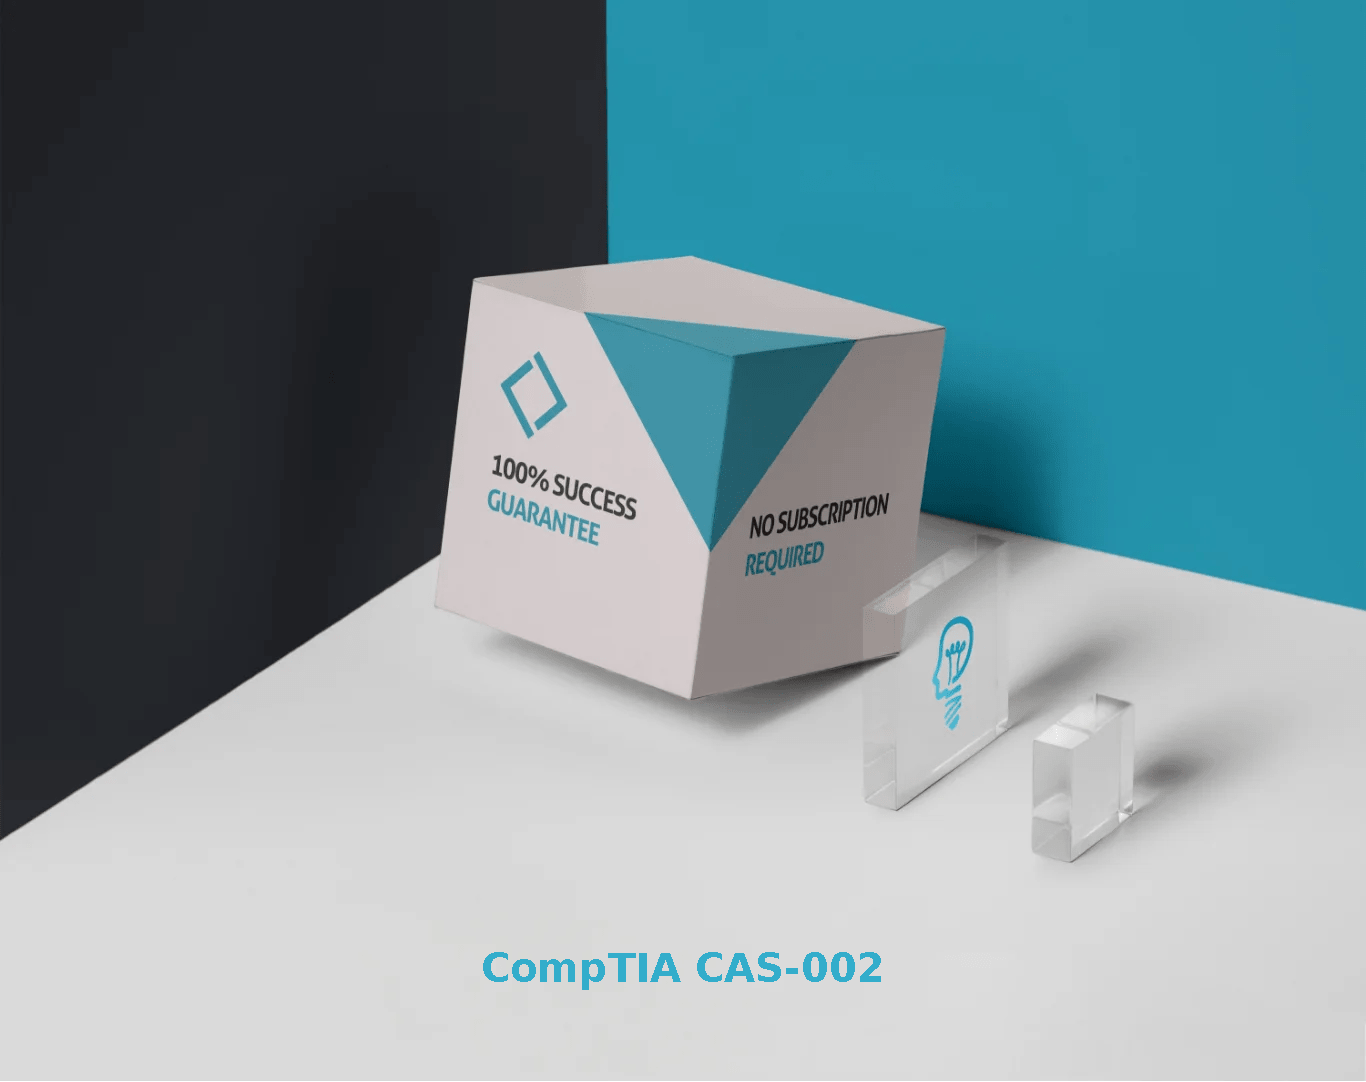 CompTIA CAS-002 Exams